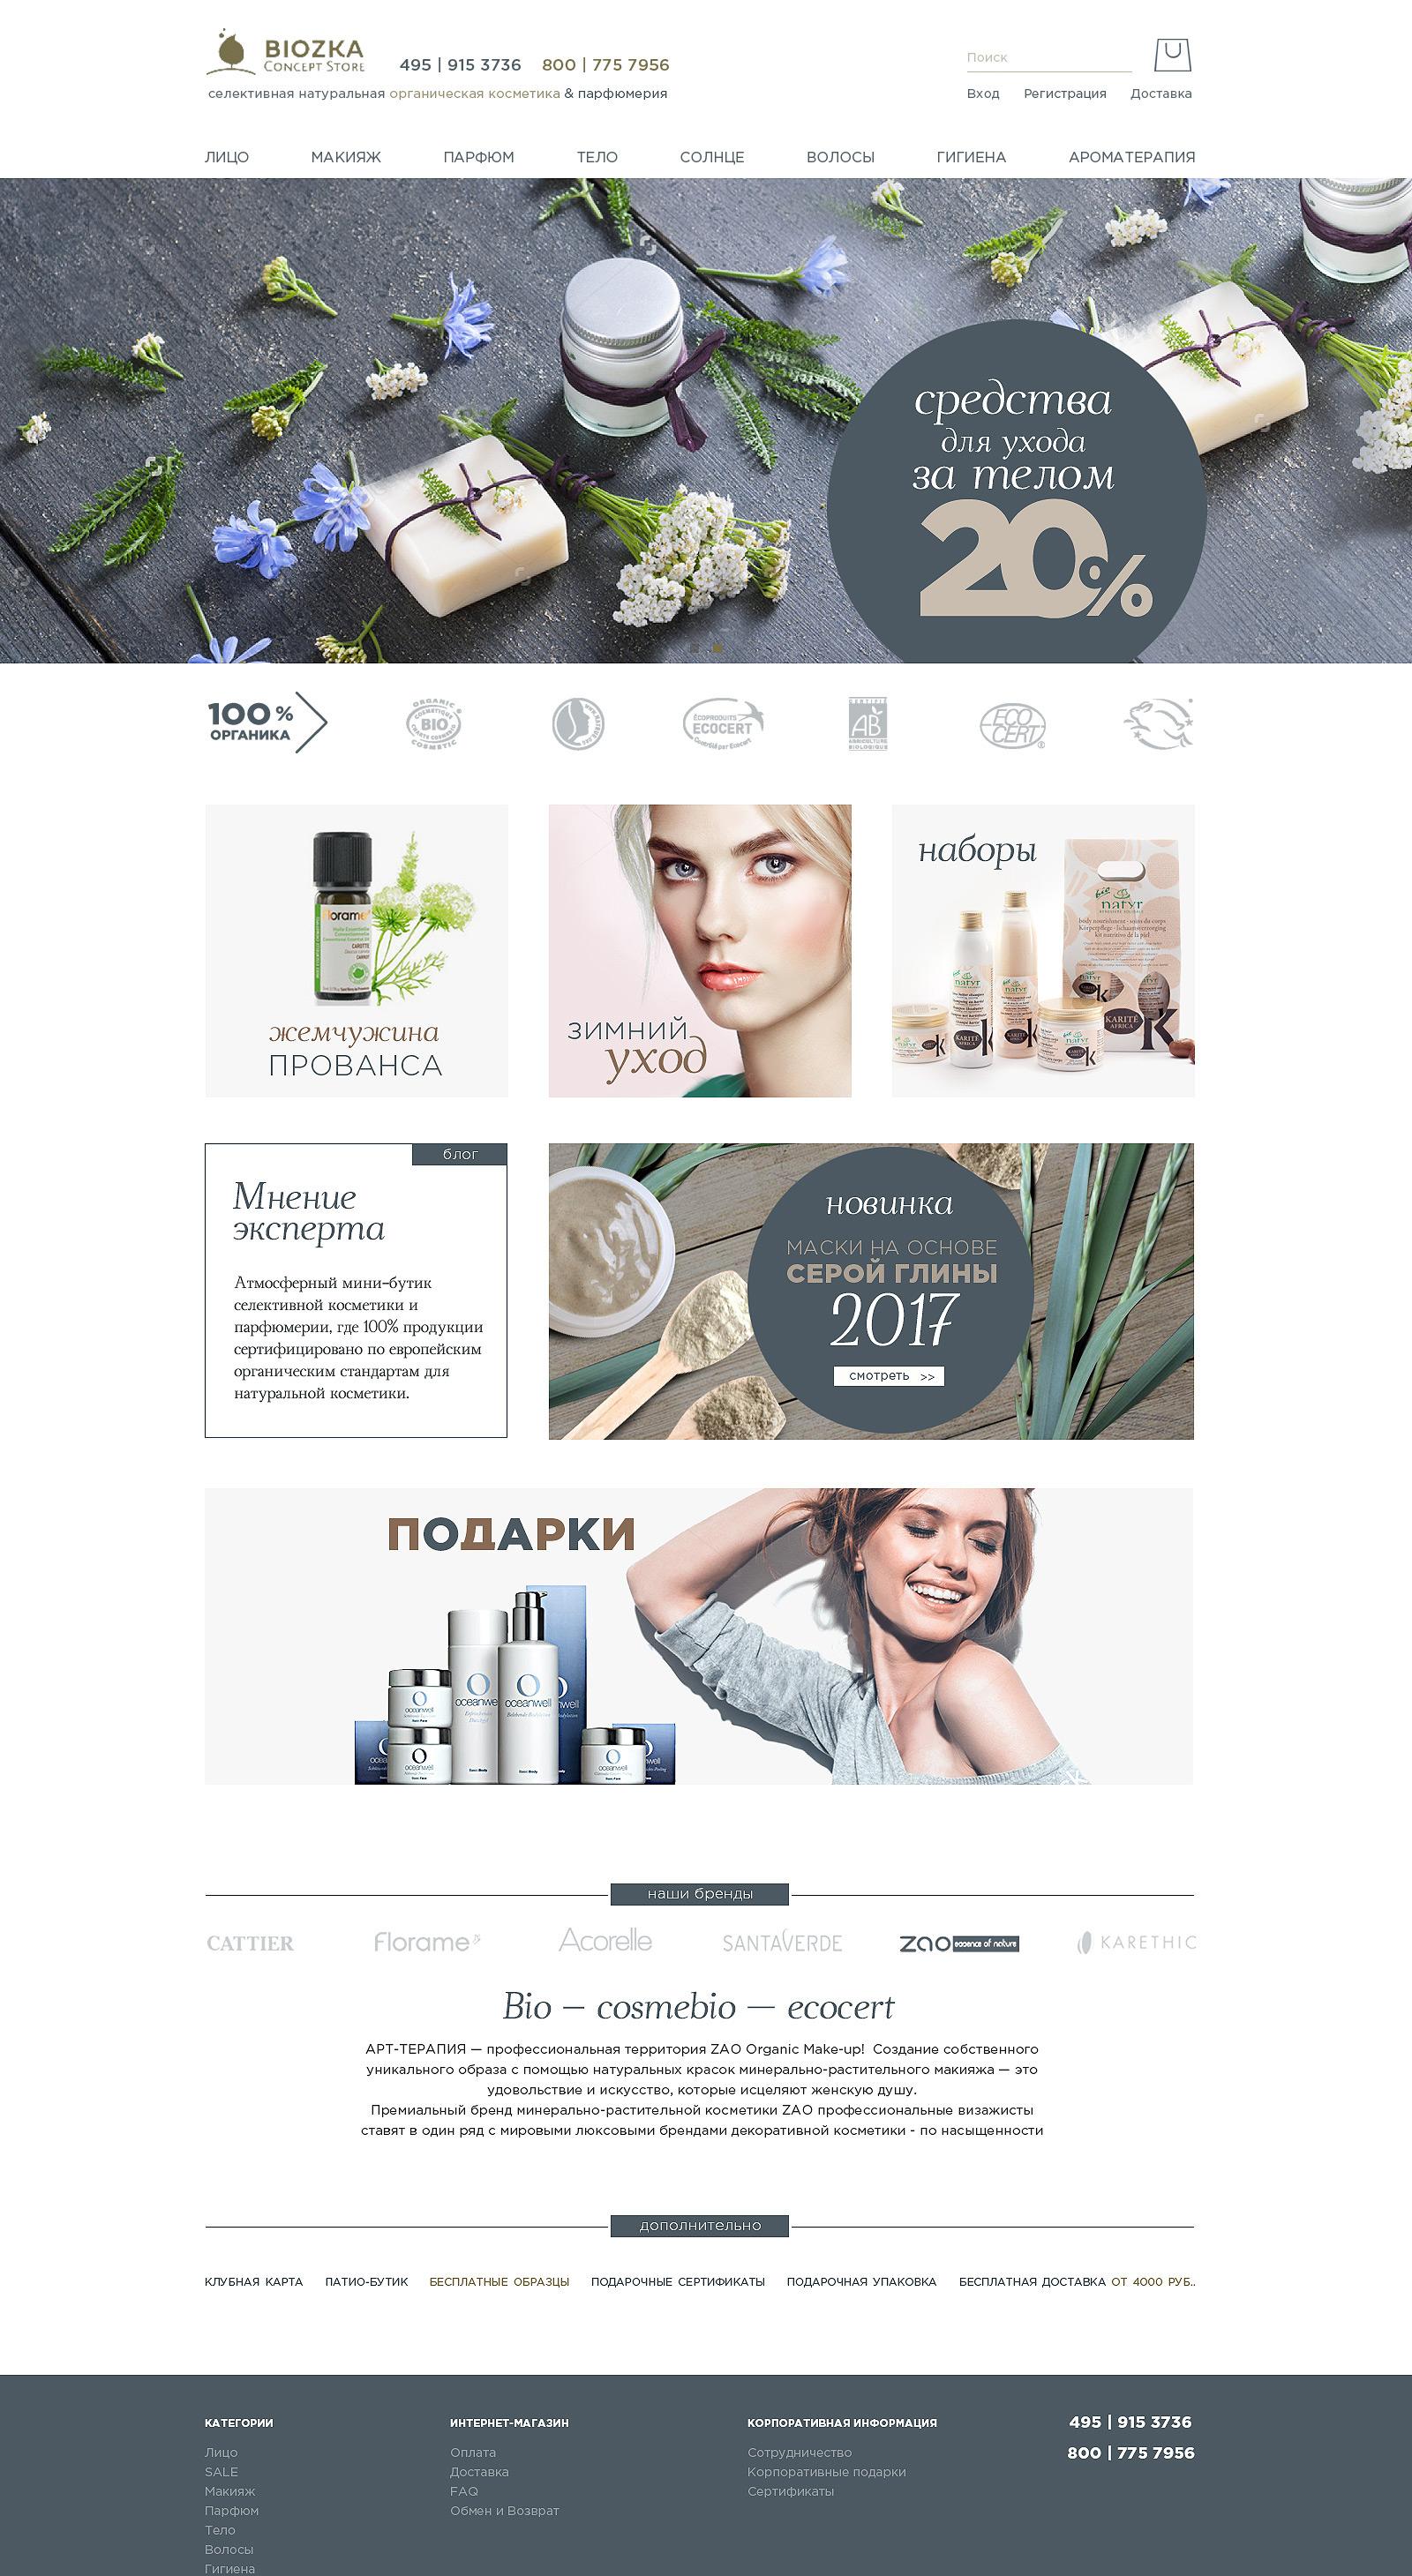 Дизайнер или графический художник для создания дизайна сайта фото f_74458750ce0ec6bd.jpg